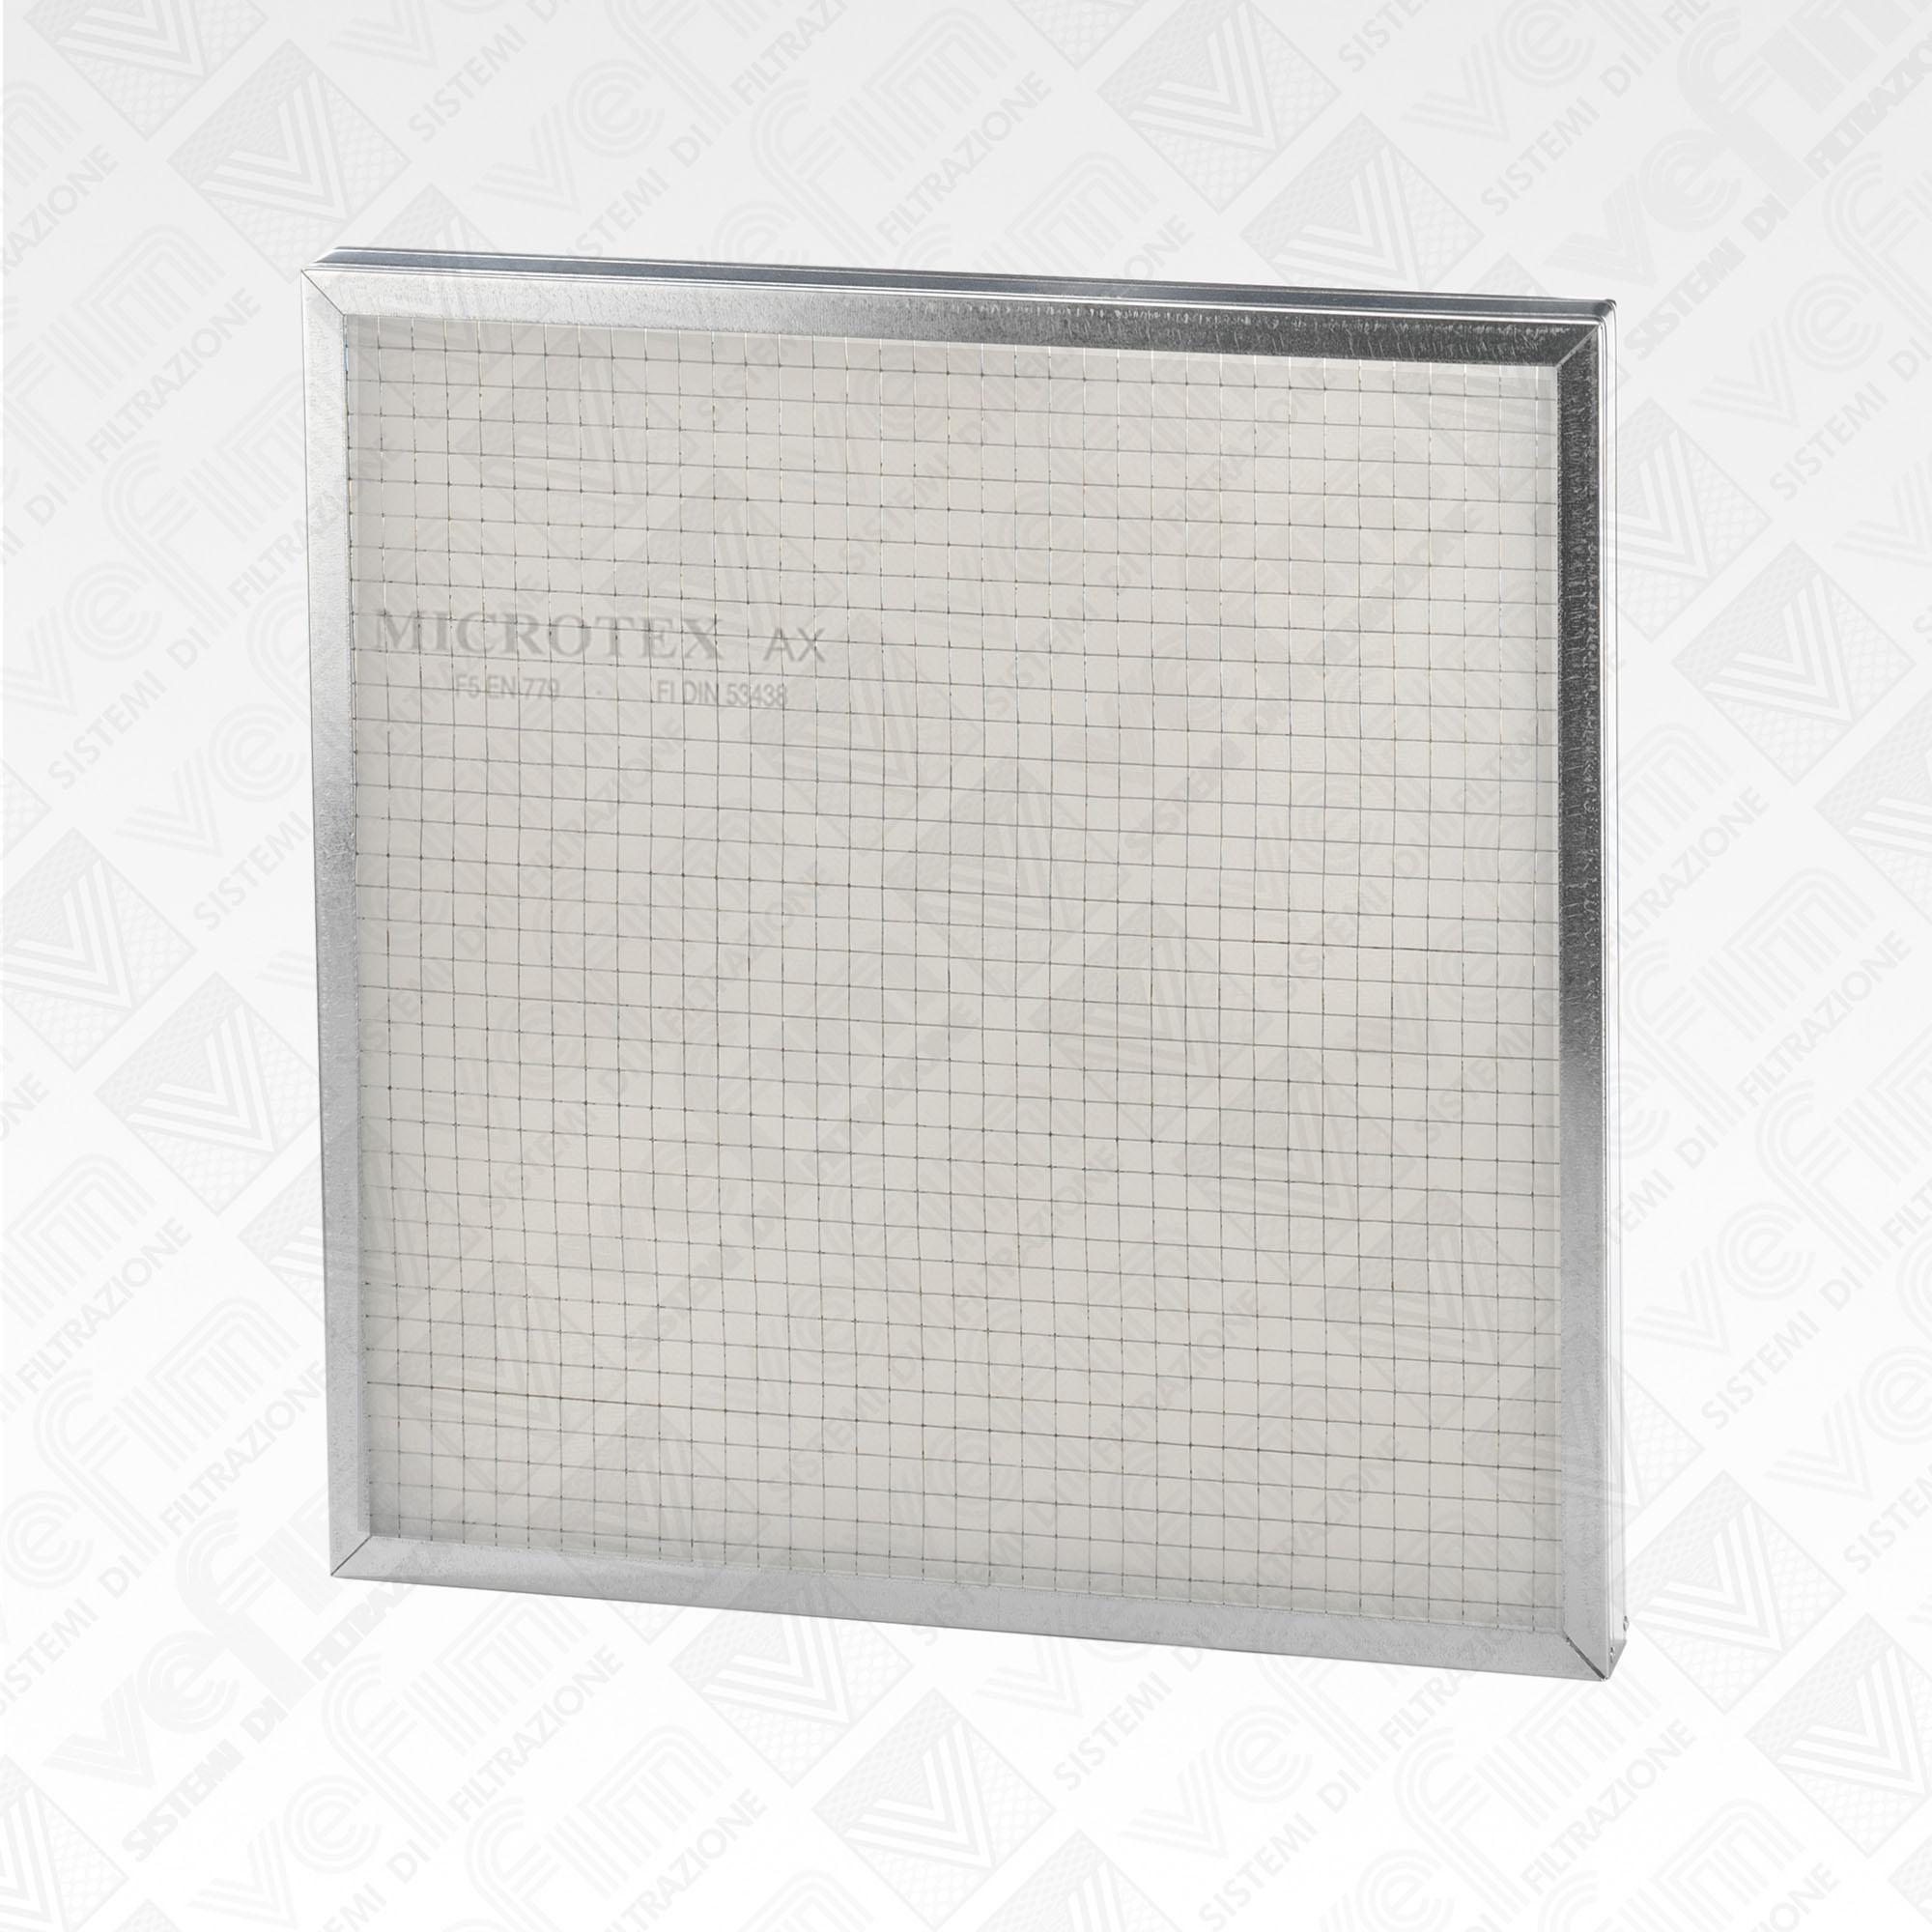 Vefim filtri cielo cabina per alte temp m5 sistemi for Filtro per cabina di fusione ford